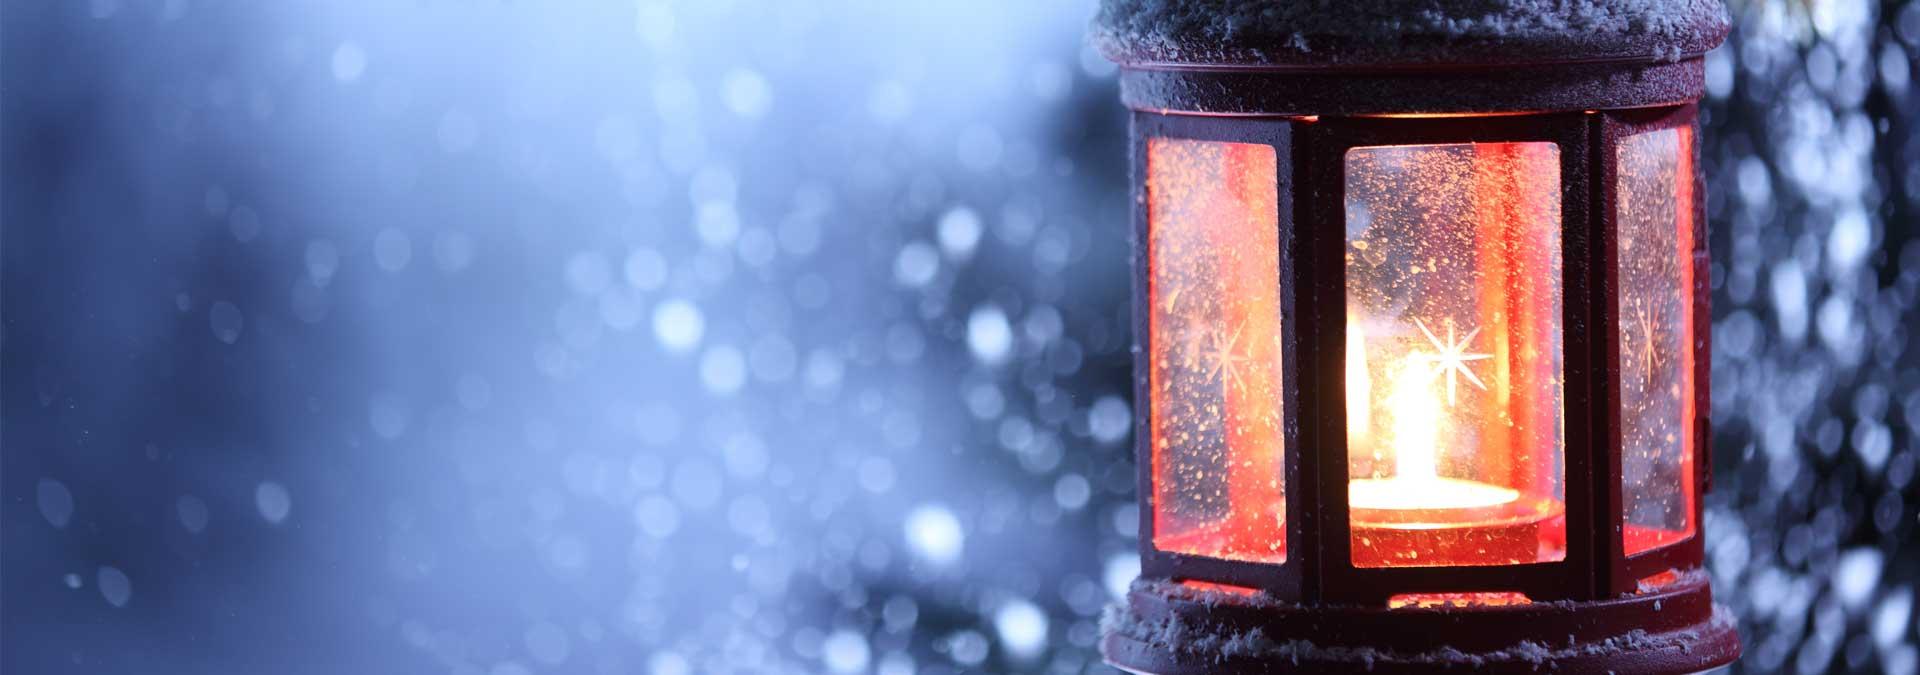 spreuken en wijsheden nieuwjaar Feestdagen en kerst spreuken   Hét zingevingsplatform met  spreuken en wijsheden nieuwjaar